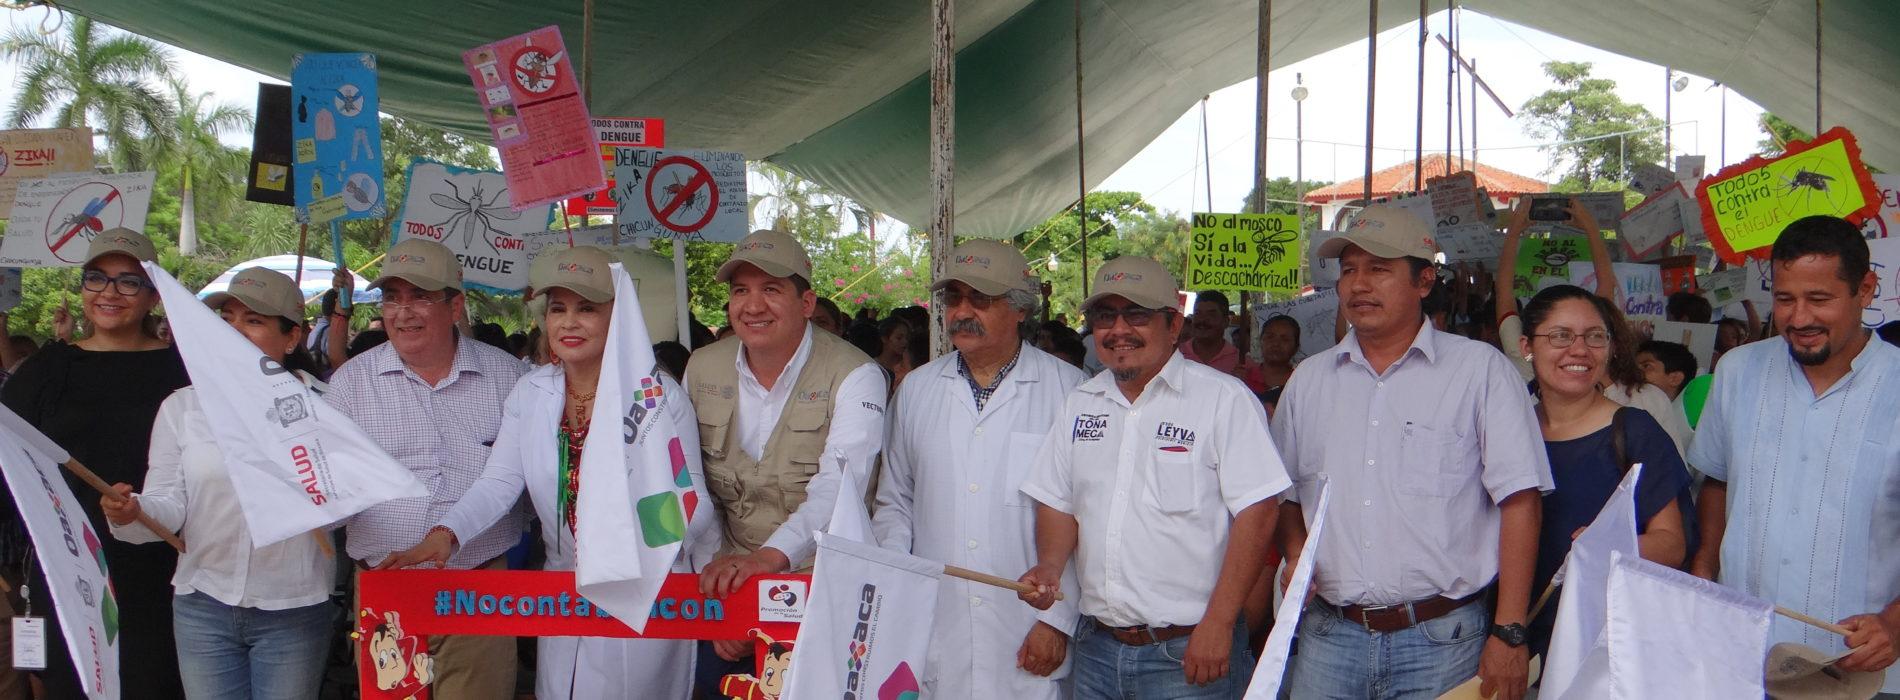 SEGUNDA JORNADA NACIONAL DE LA LUCHA CONTRA EL DENGUE, ZICA Y CHIKUNGUNYA EN PUERTO ESCONDIDO